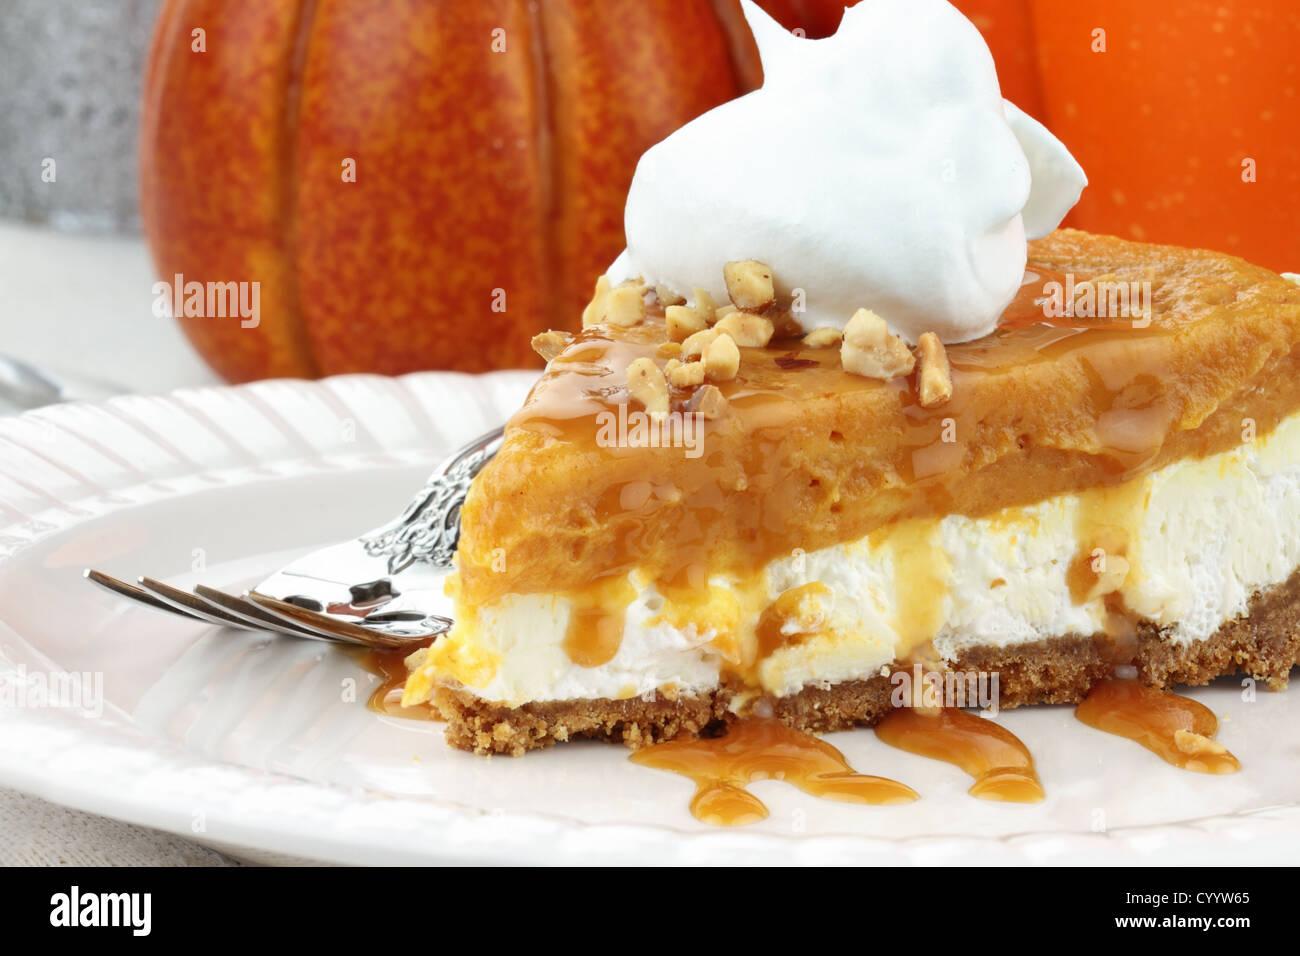 Scheibe Double Layer ohne Backen Pumpkin Pie mit Kürbis, Vanille Pudding, Frischkäse und Sahne gemacht. Stockbild